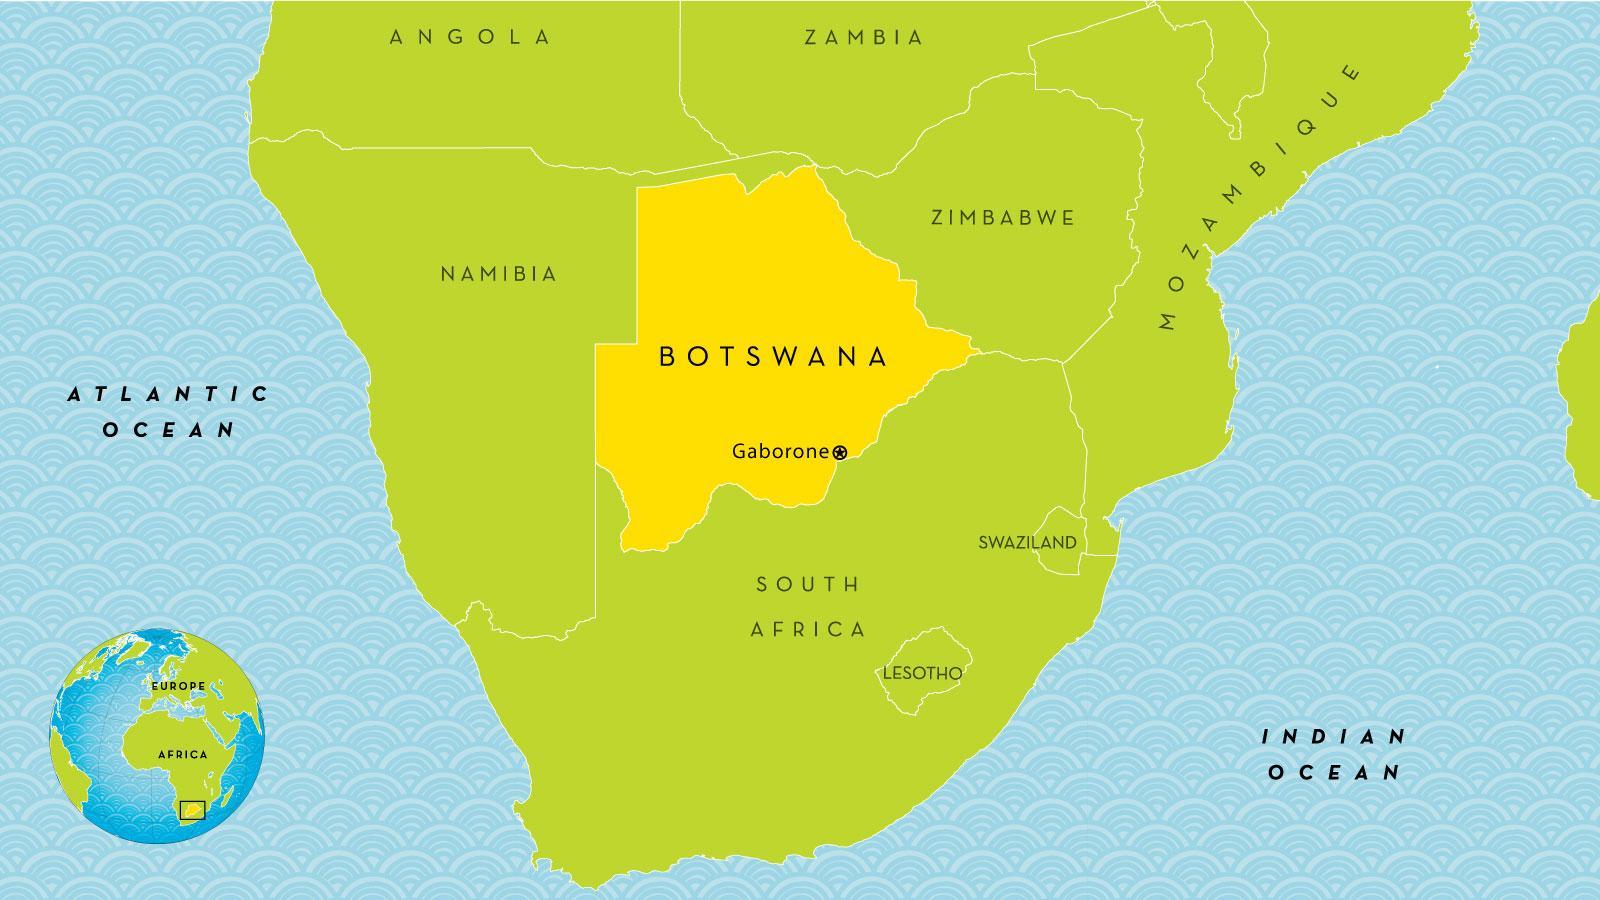 Botswana Land Kort Kort Over Botswana Land Det Sydlige Afrika